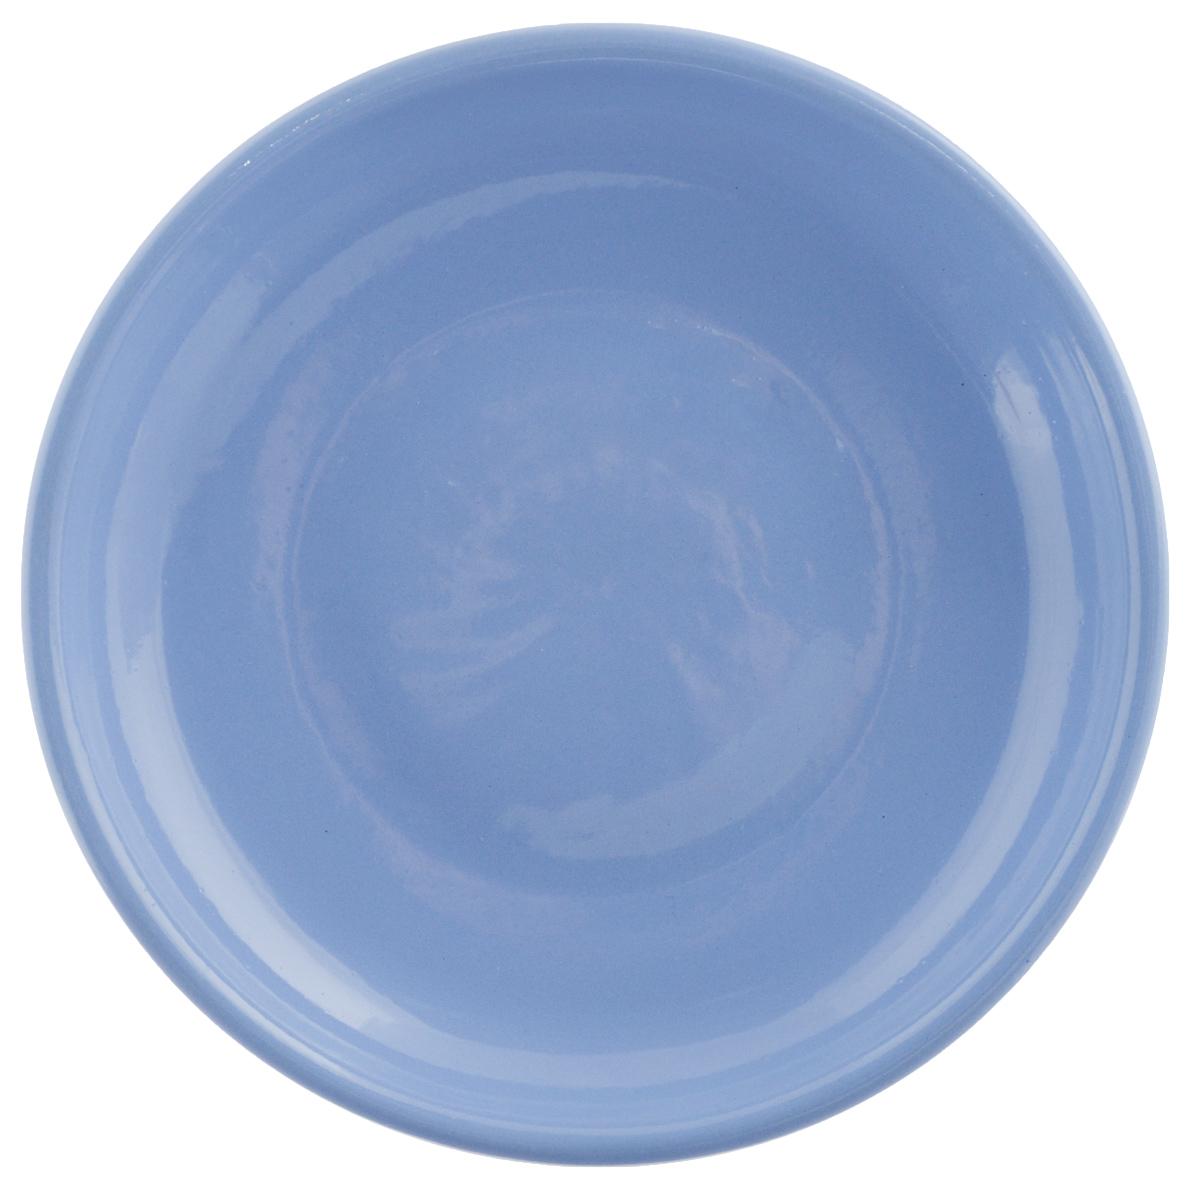 Тарелка Борисовская керамика Радуга, цвет: голубой, диаметр 18 смAJSARN11025Тарелка Борисовская керамика Радуга выполнена из высококачественной керамики. Изделие идеально подойдет для сервировки стола и станет отличным подарком к любому празднику. Можно использовать в духовке и микроволновой печи.